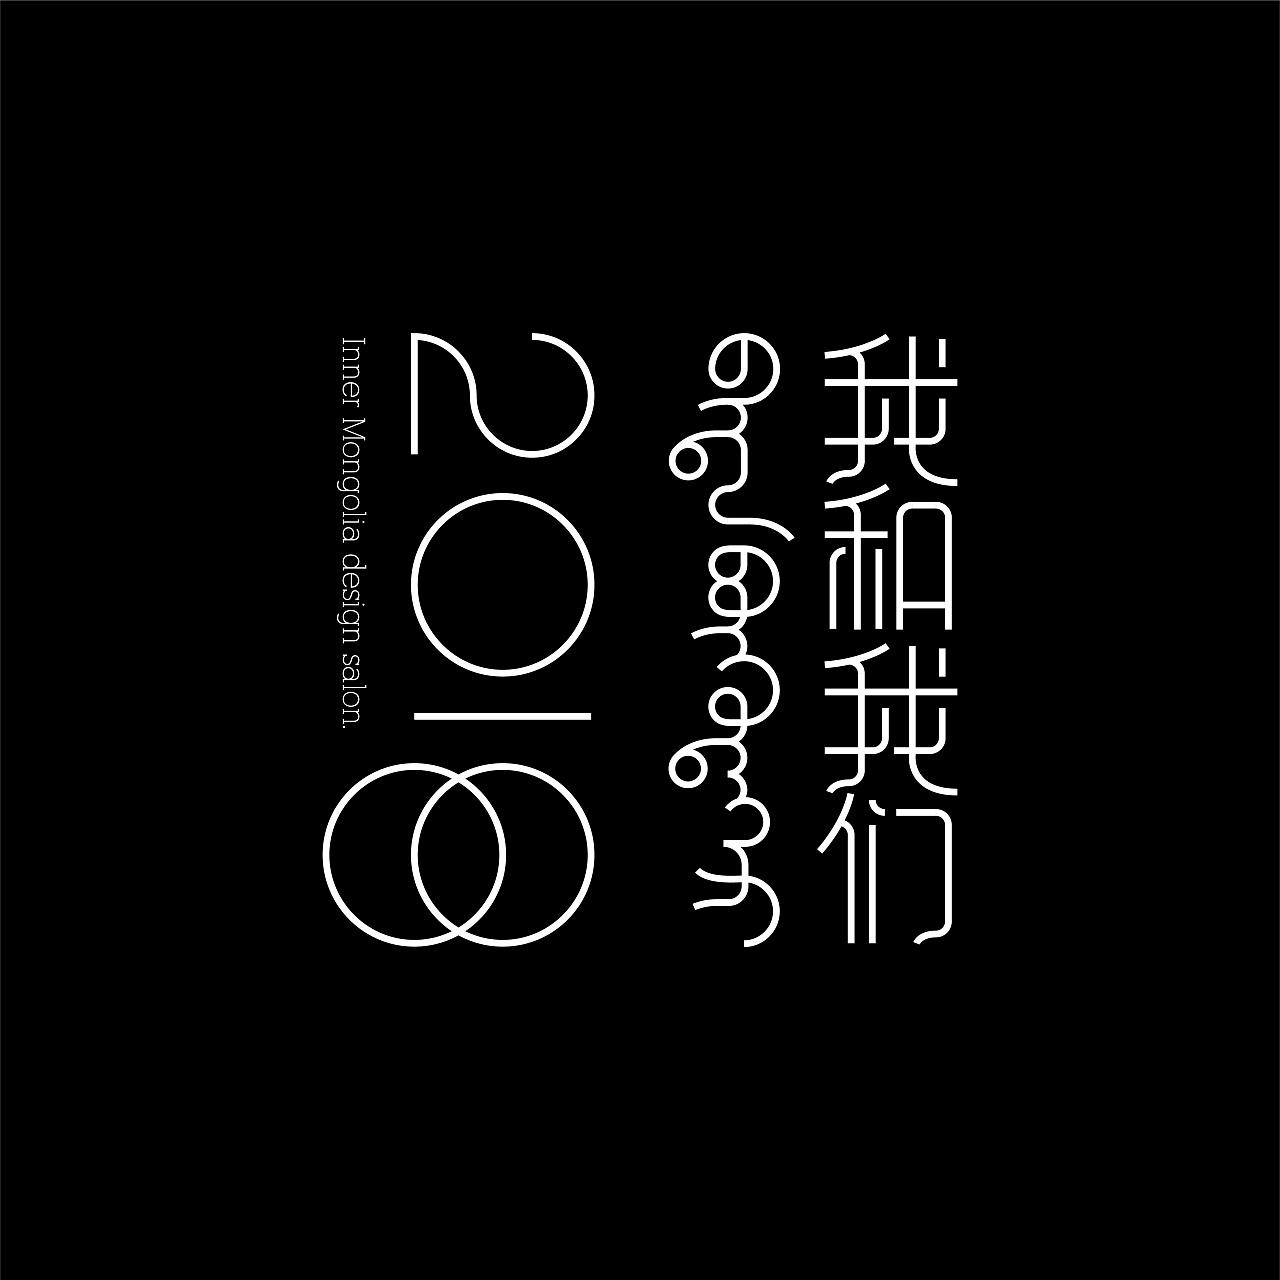 蒙古文字体设计—包立华 第15张 蒙古文字体设计—包立华 蒙古设计